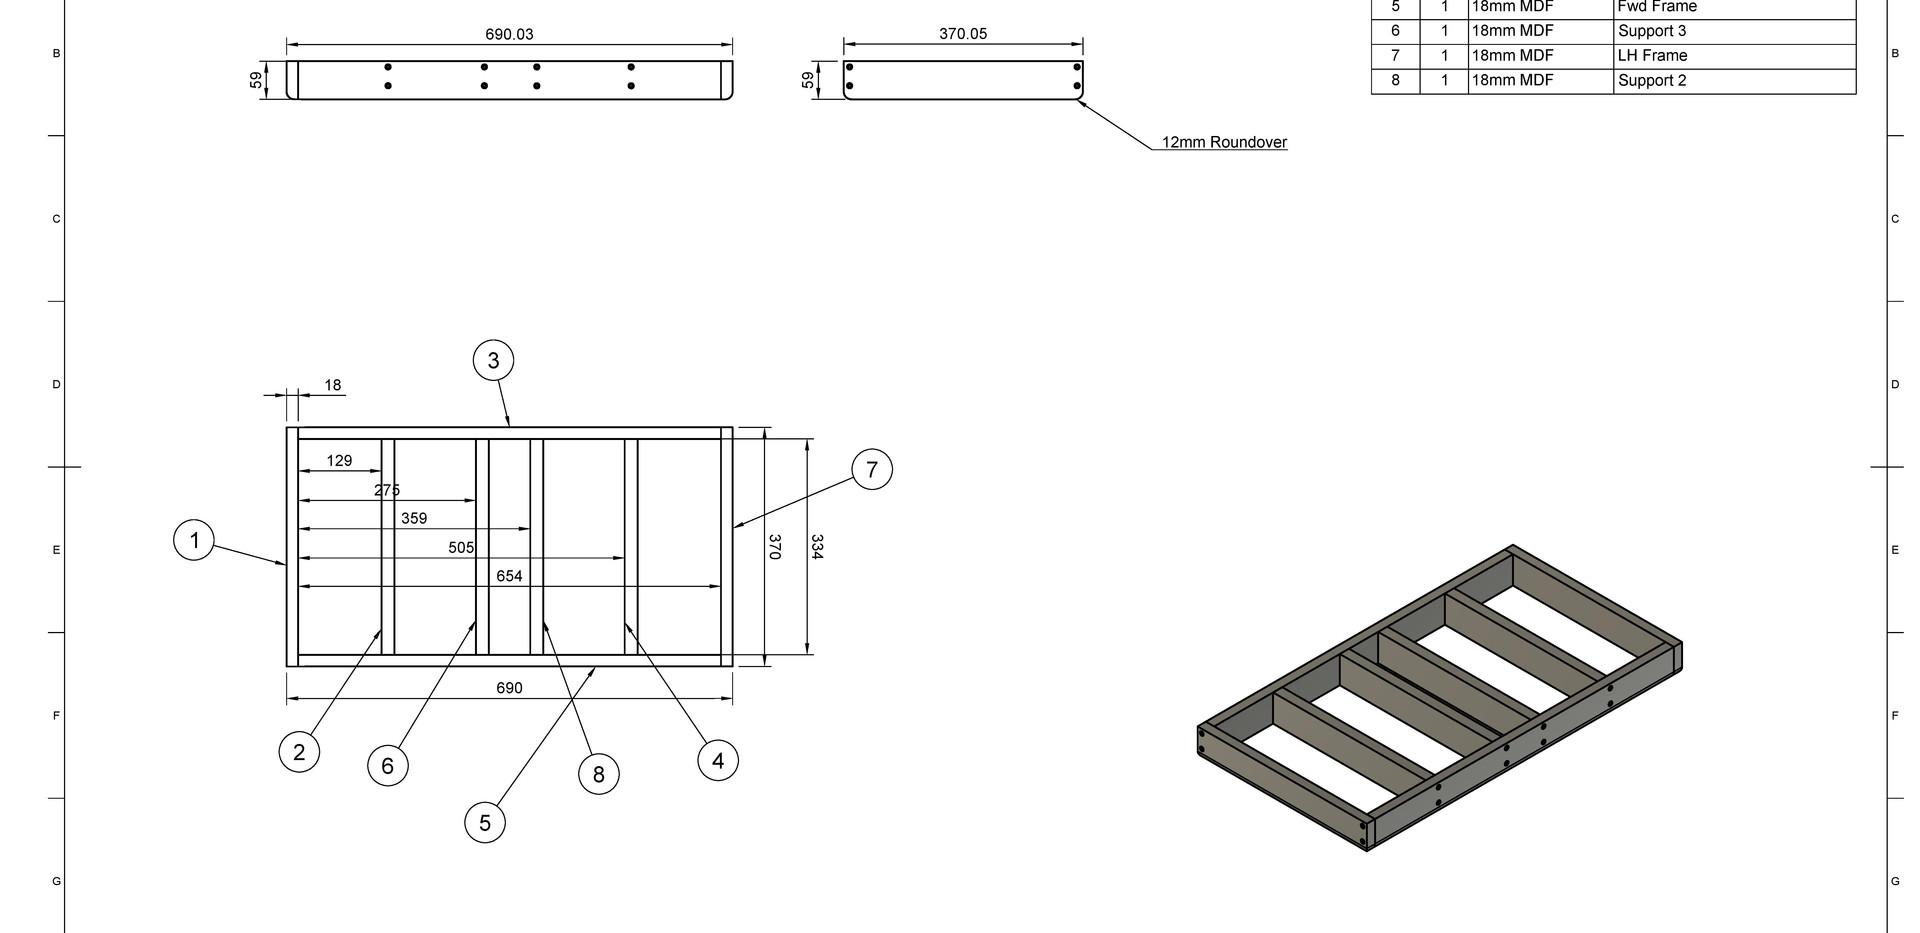 Aft OVHD Frame Drawing v0-page-001.jpg